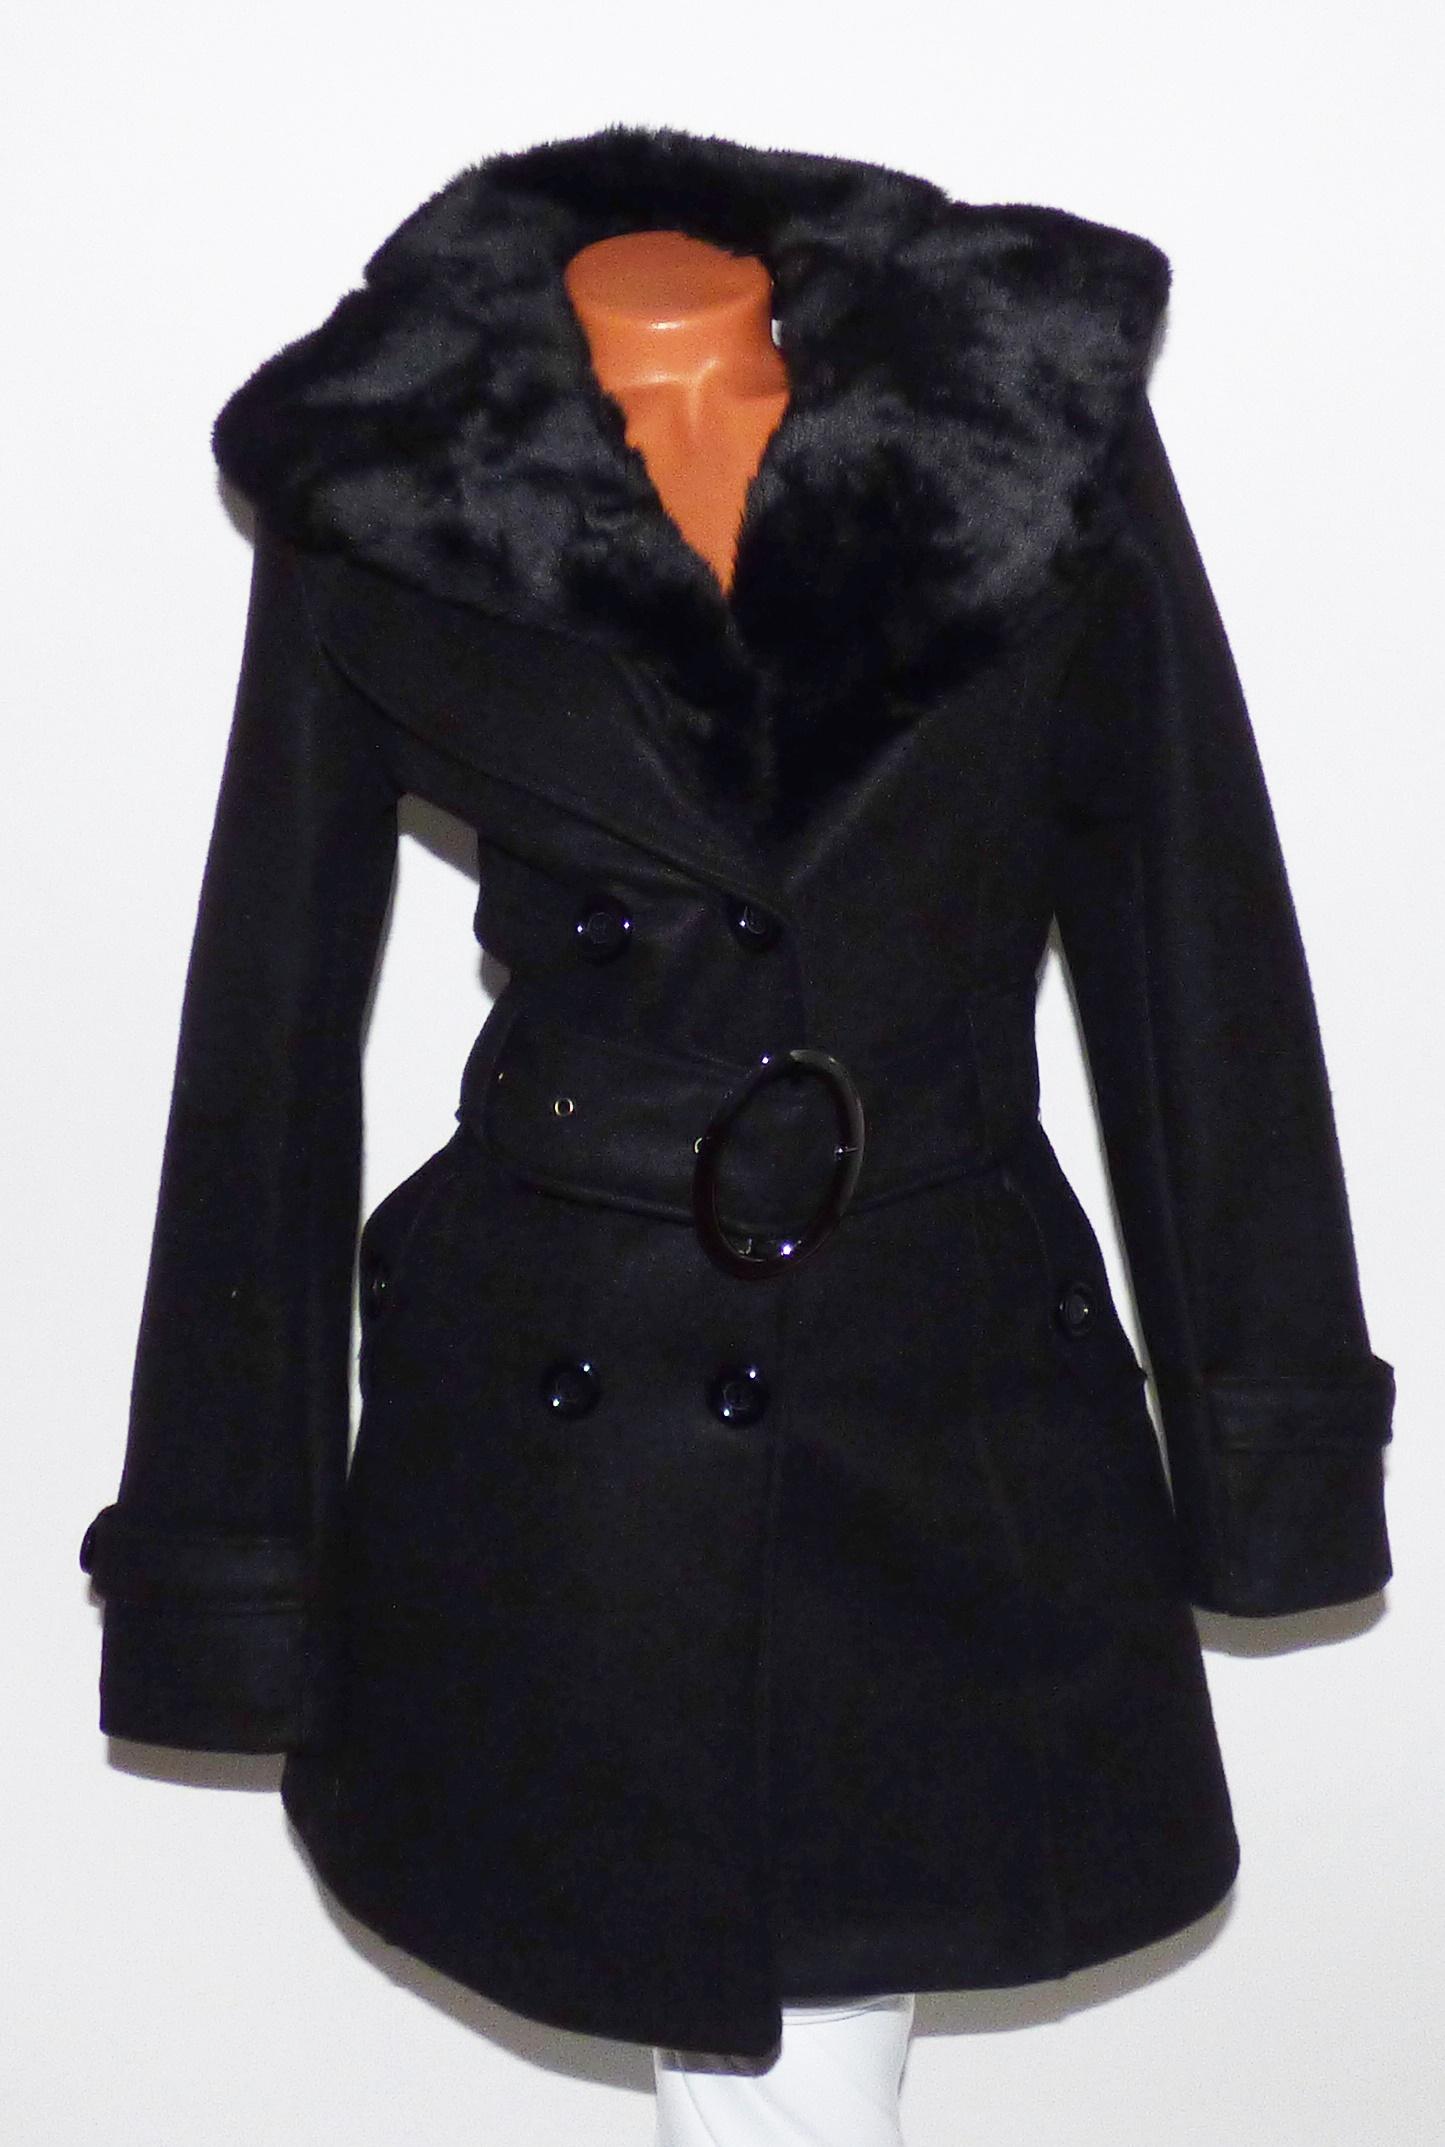 b4355be0a7 Szőrmés szövetkabát + öv - Dzseki / Kabát - Luna Gardrobe Női ruha  WebÁruház, Akciós - olcsó női ruha, Női ruha webshop, Online trendi -  divatos ruha